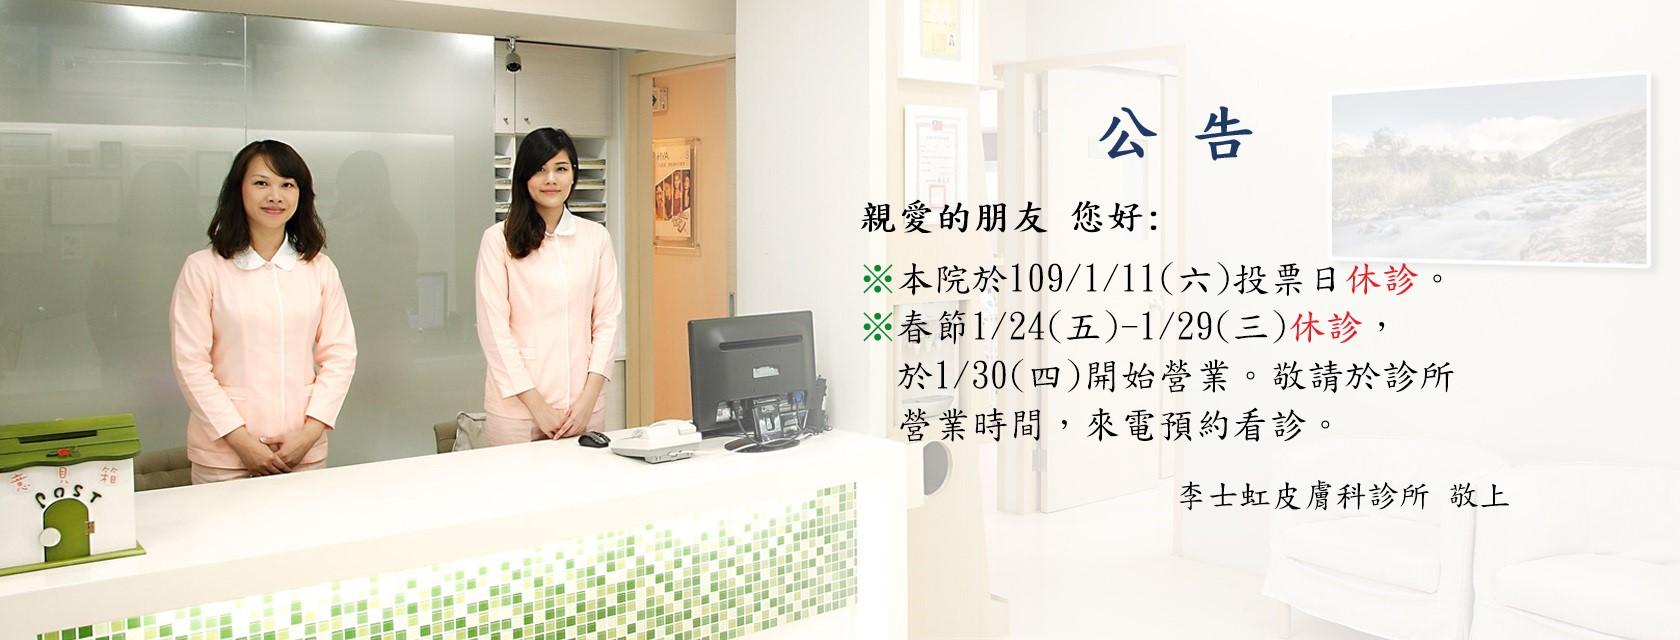 李士虹皮膚科網站底圖banner - 複製 (2)